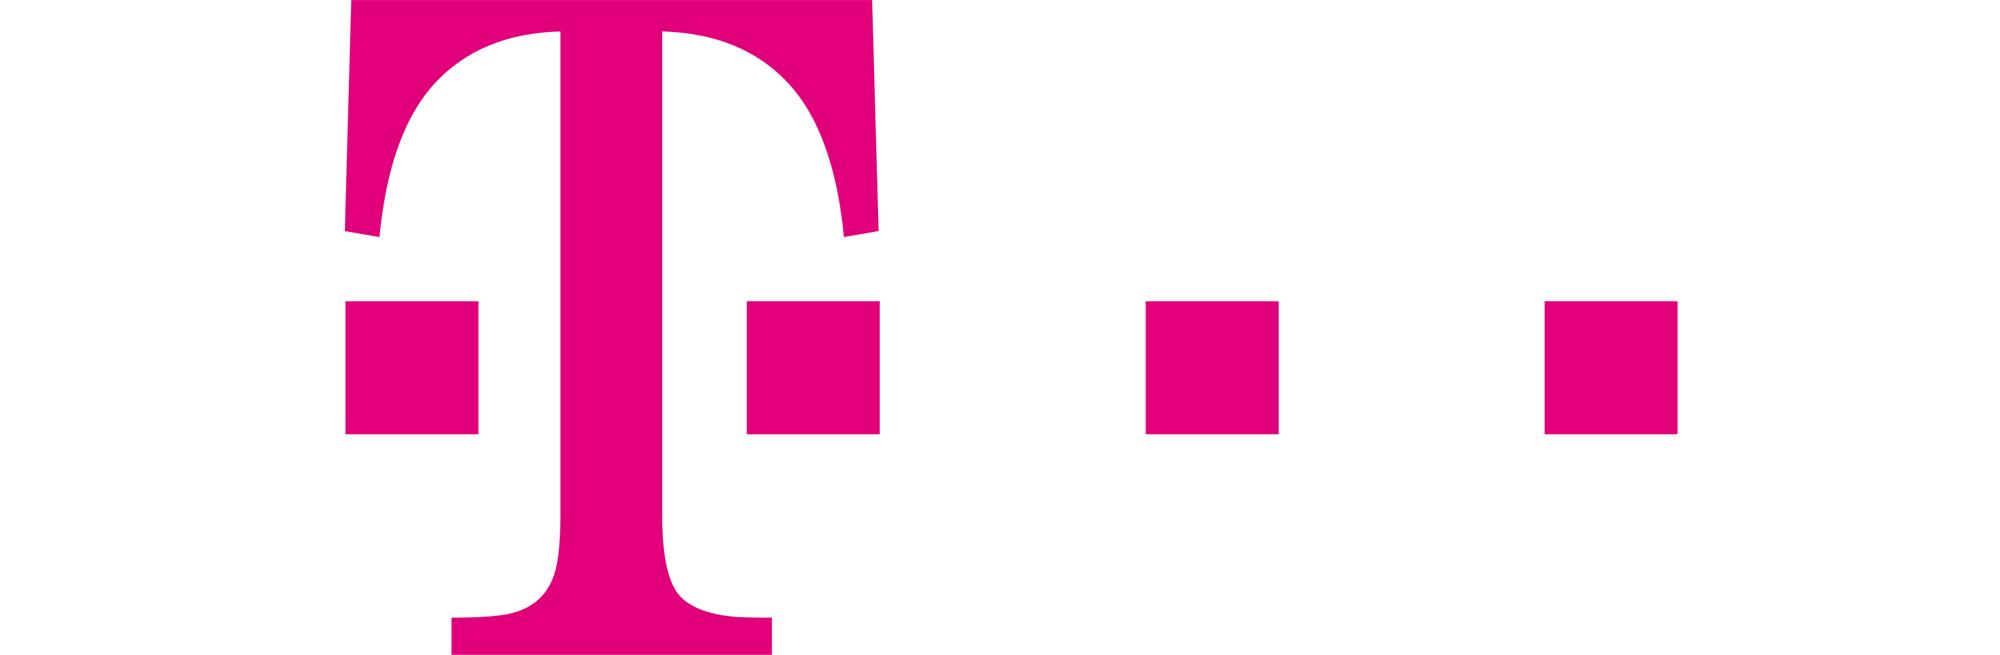 Deutsche Telekom Case Study